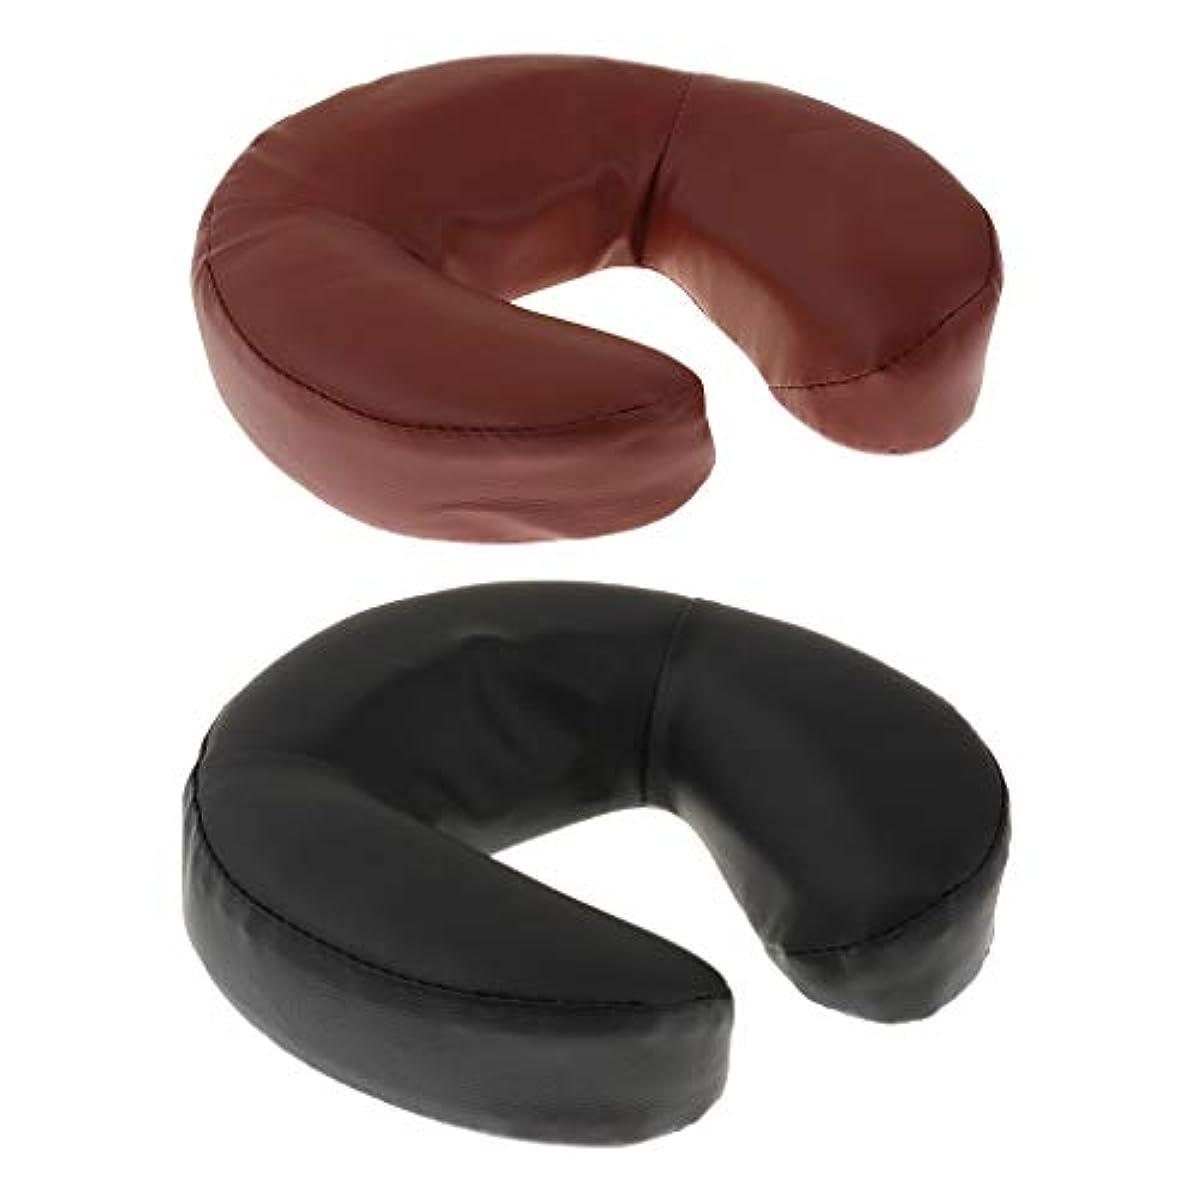 野心的在庫倒錯sharprepublic テーブル枕 クッション マッサージ用 フォーム+ PUレザー 2個入り